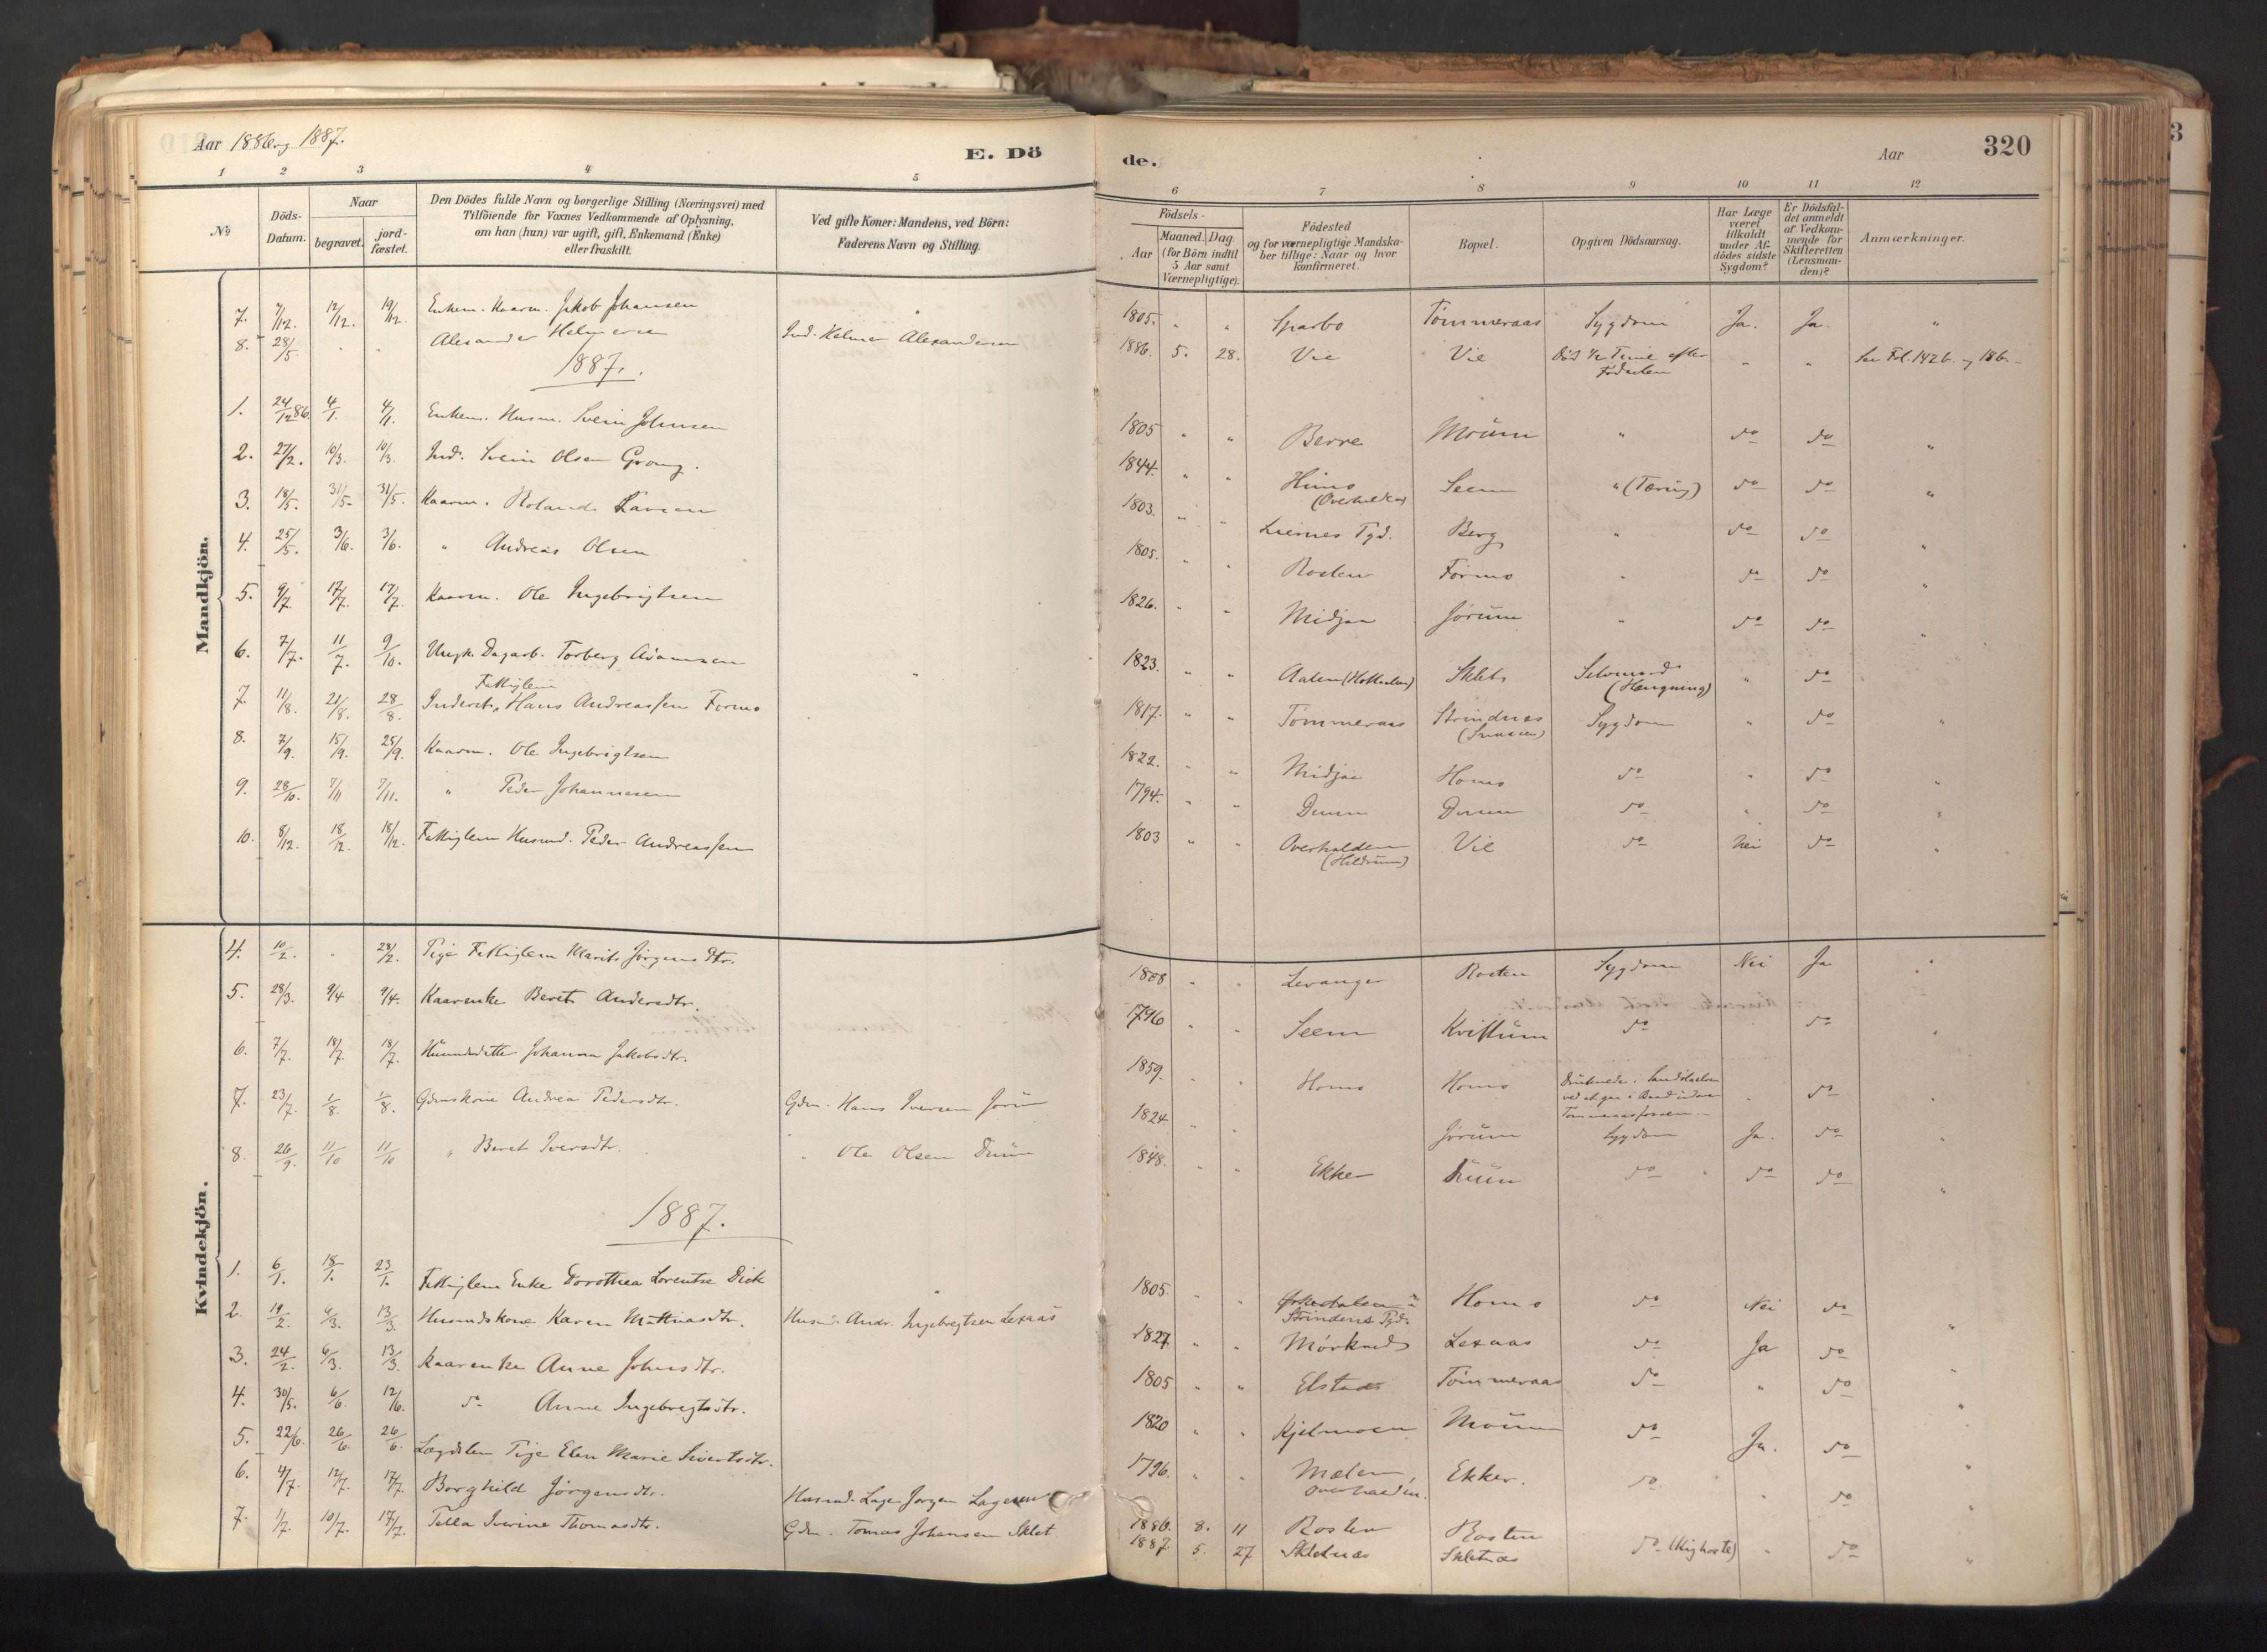 SAT, Ministerialprotokoller, klokkerbøker og fødselsregistre - Nord-Trøndelag, 758/L0519: Ministerialbok nr. 758A04, 1880-1926, s. 320